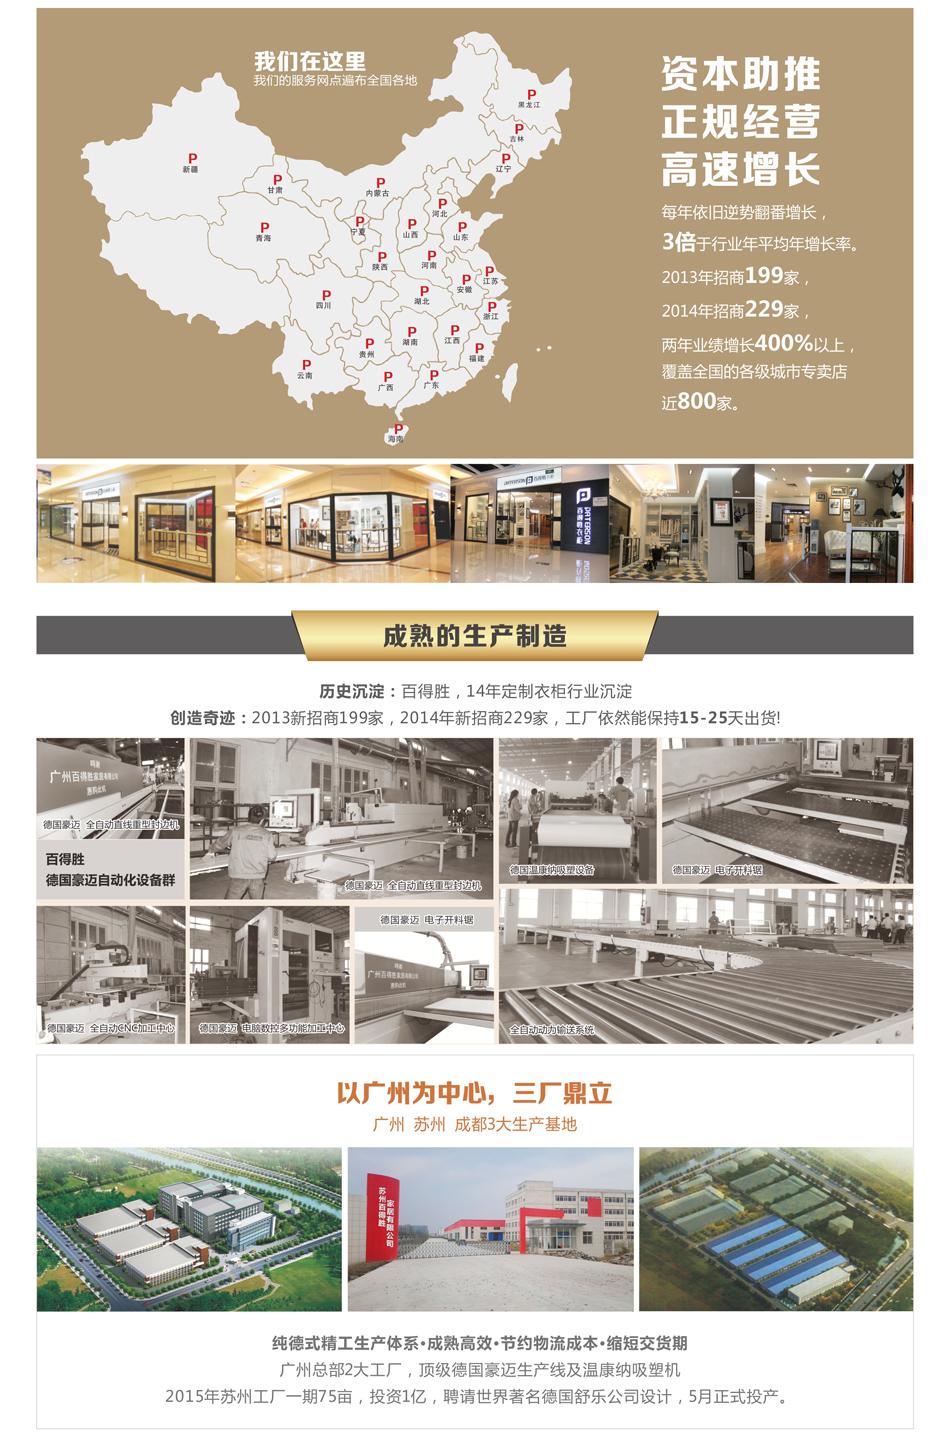 百得胜招商专题-2.jpg